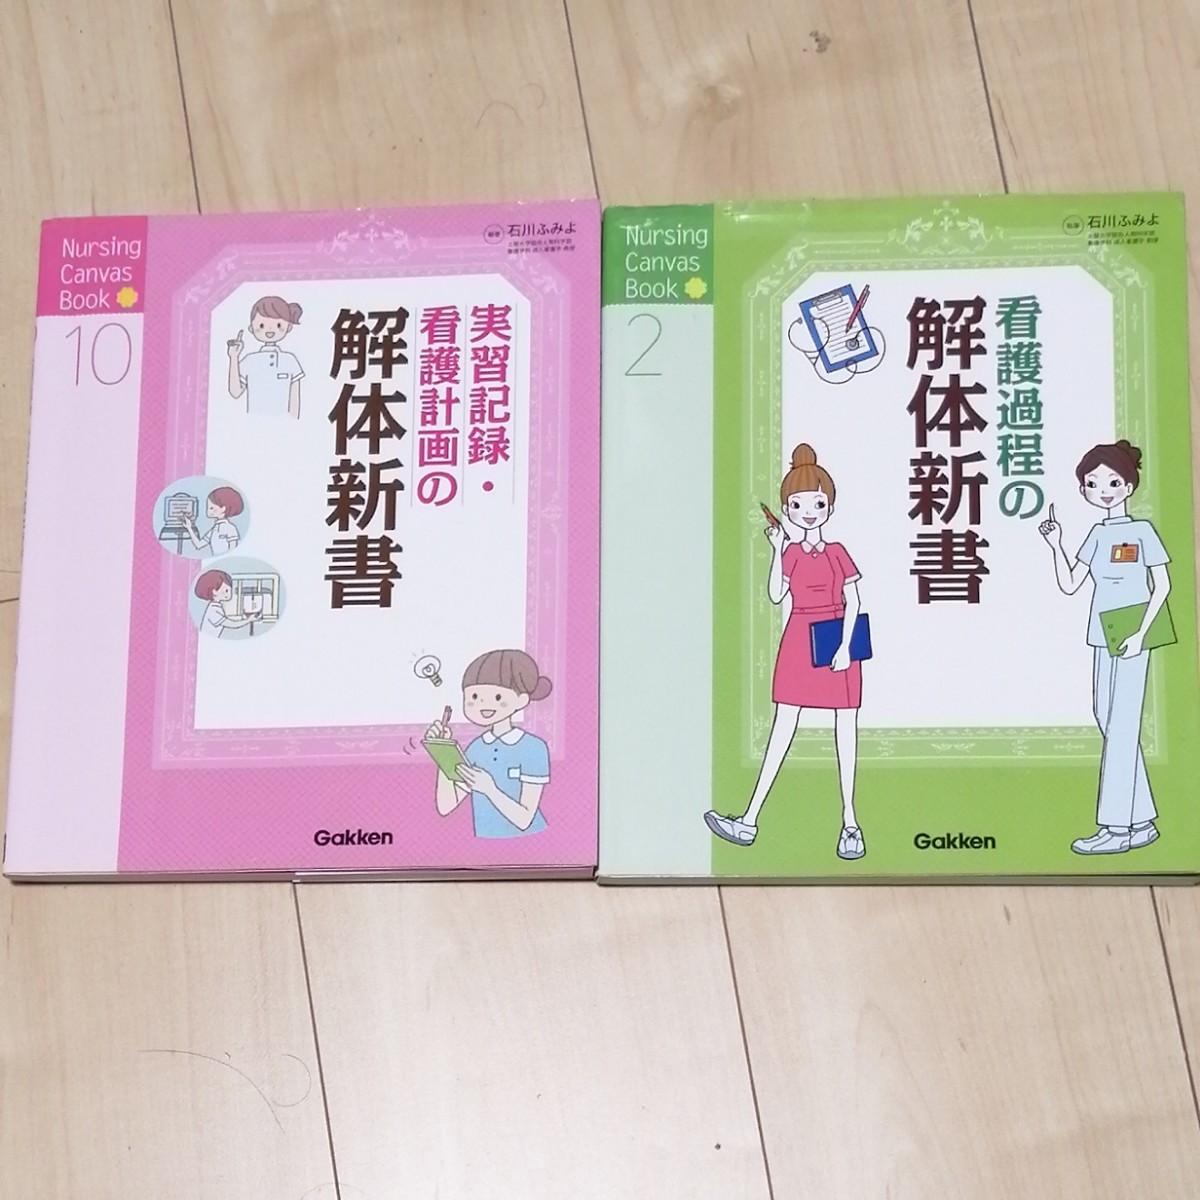 学研 看護過程の解体新書、実習記録・看護計画の解体新書2冊